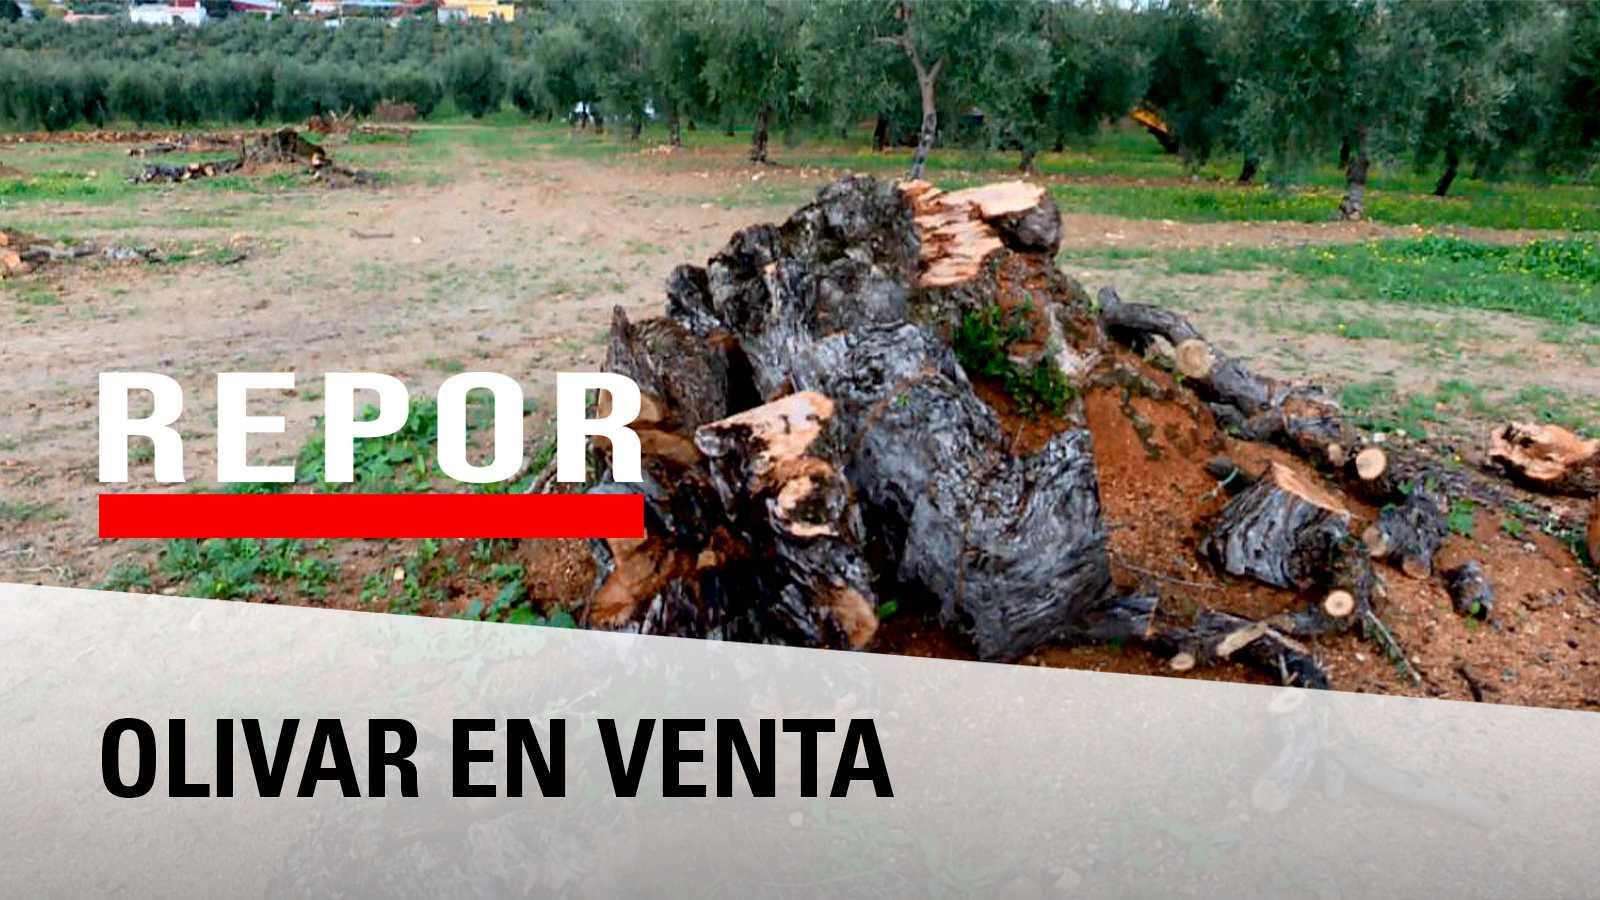 Repor - Olivar en venta reportaje sobre el expolio de olivos milenarios, una riqueza inmaterial que al no ser productivo se arranca para su comercialización entre particulares